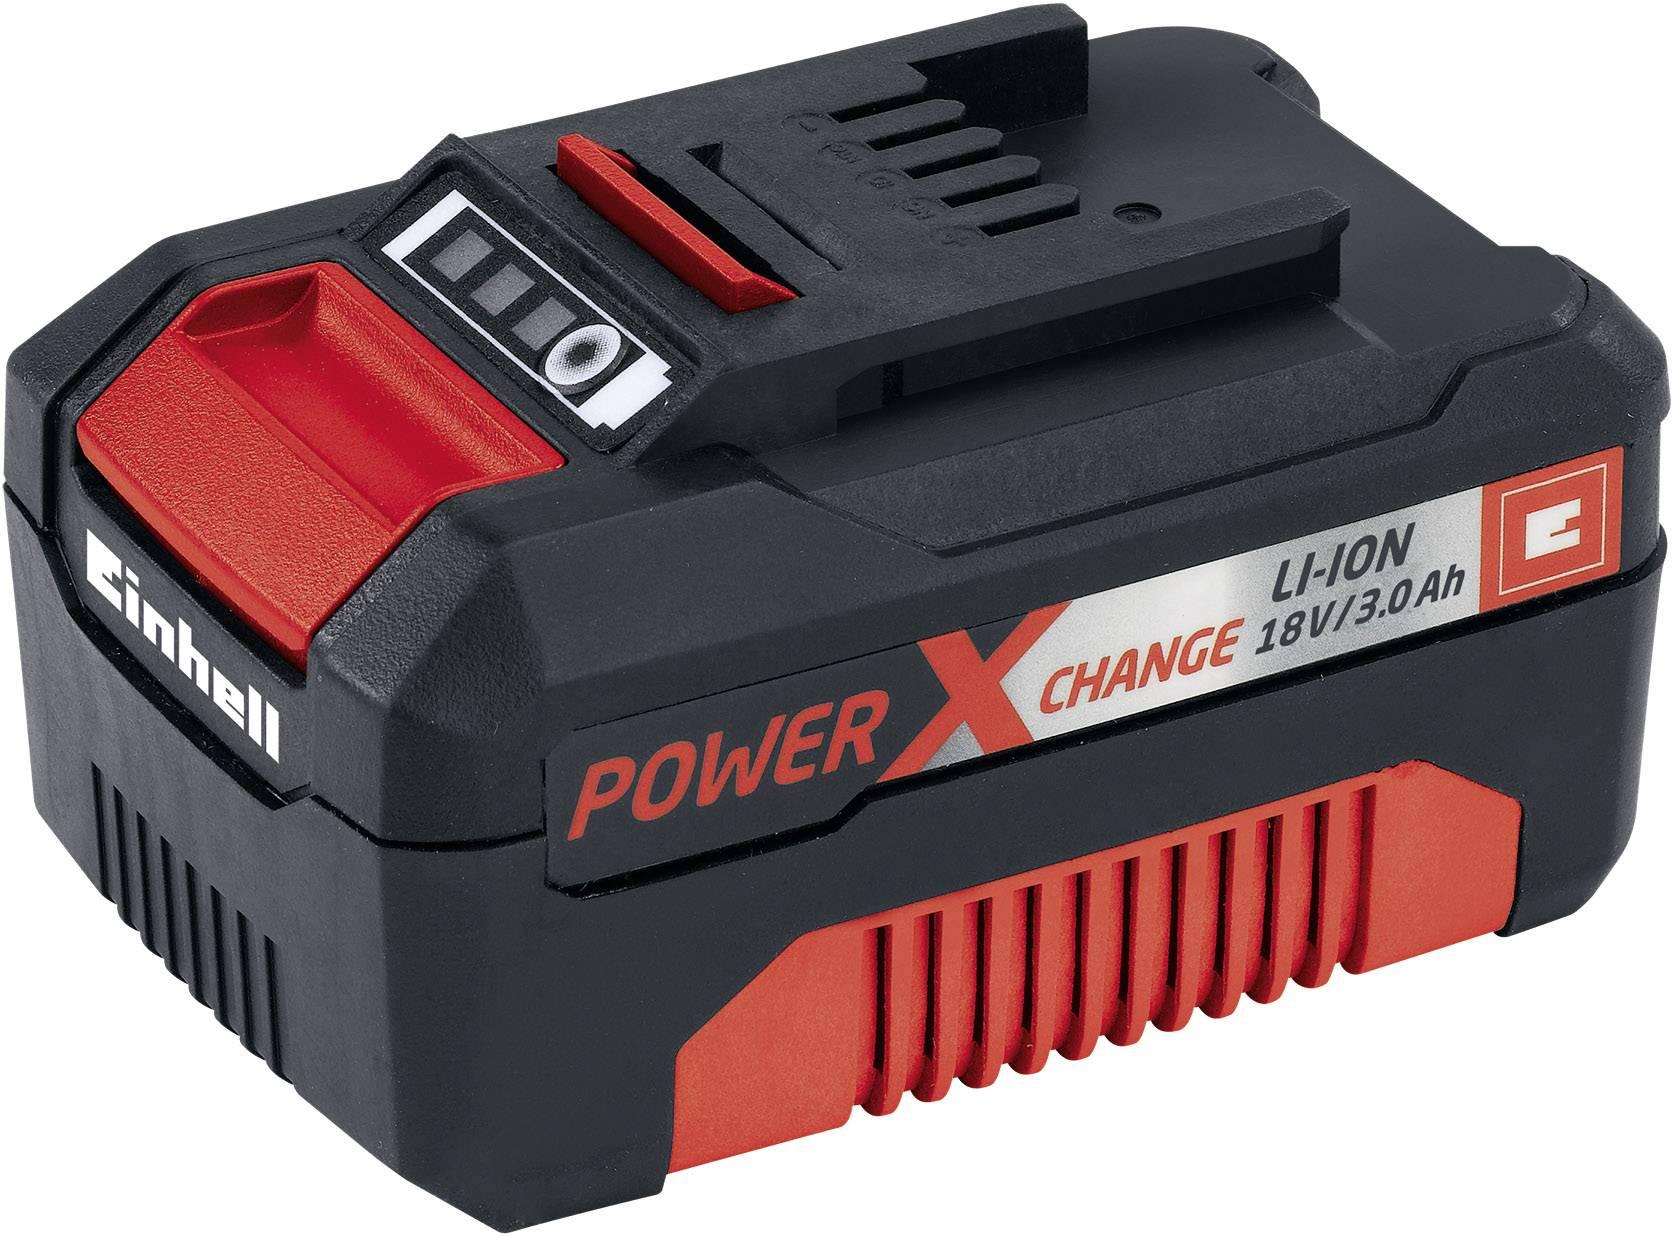 Náhradný akumulátor pre elektrické náradie, Einhell Power-X-Change 18V 3,0Ah 4511341, 18 V, 3.0 Ah, Li-Ion akumulátor